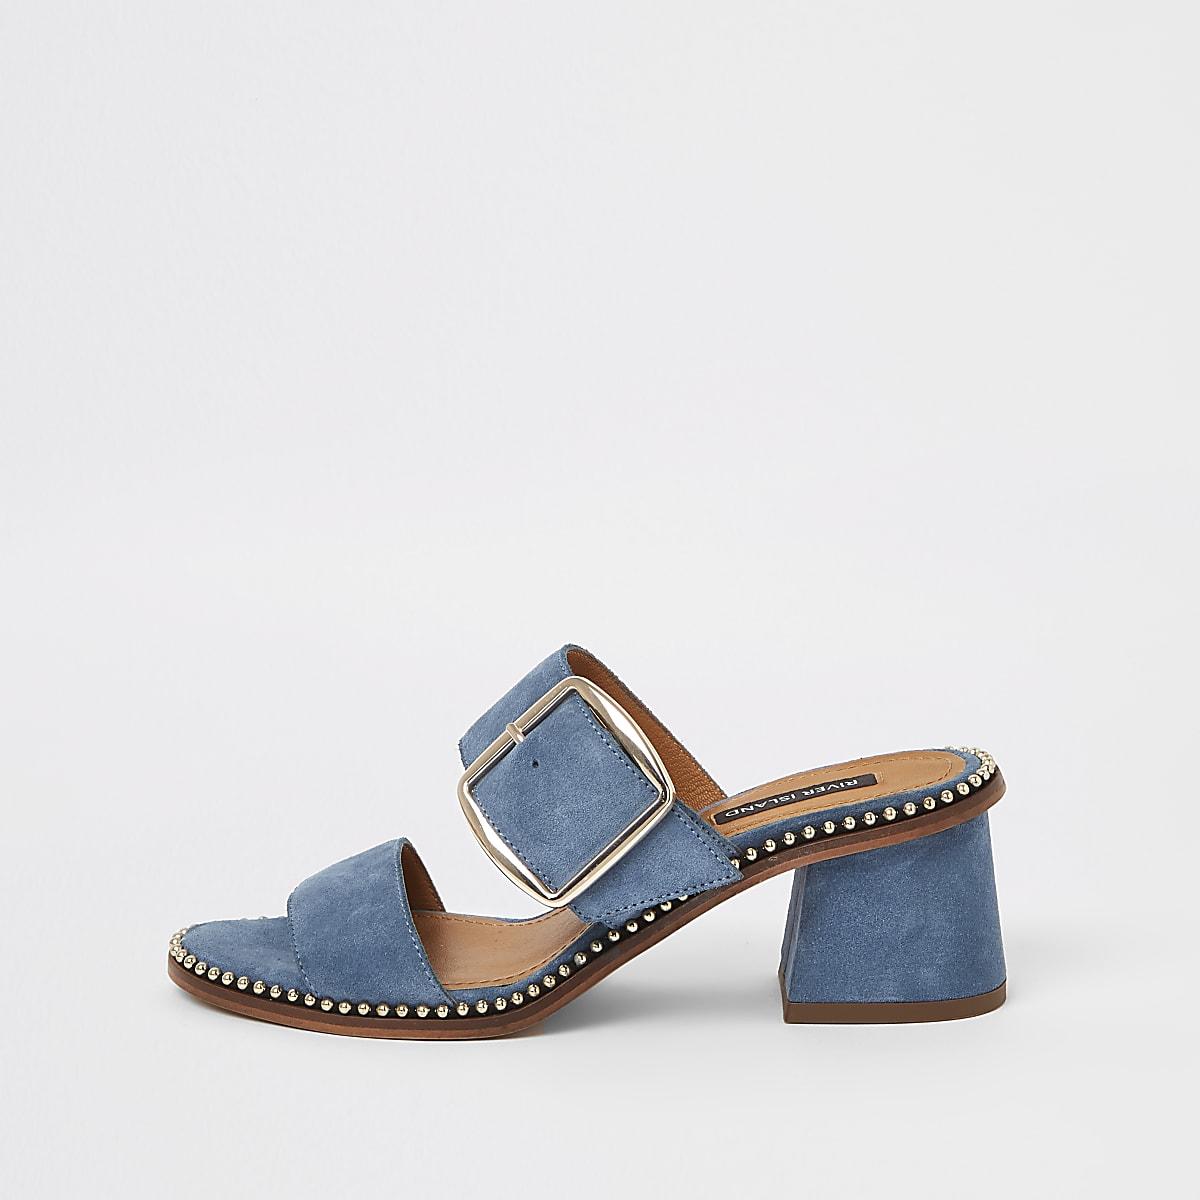 Blue suede block heel mule sandals